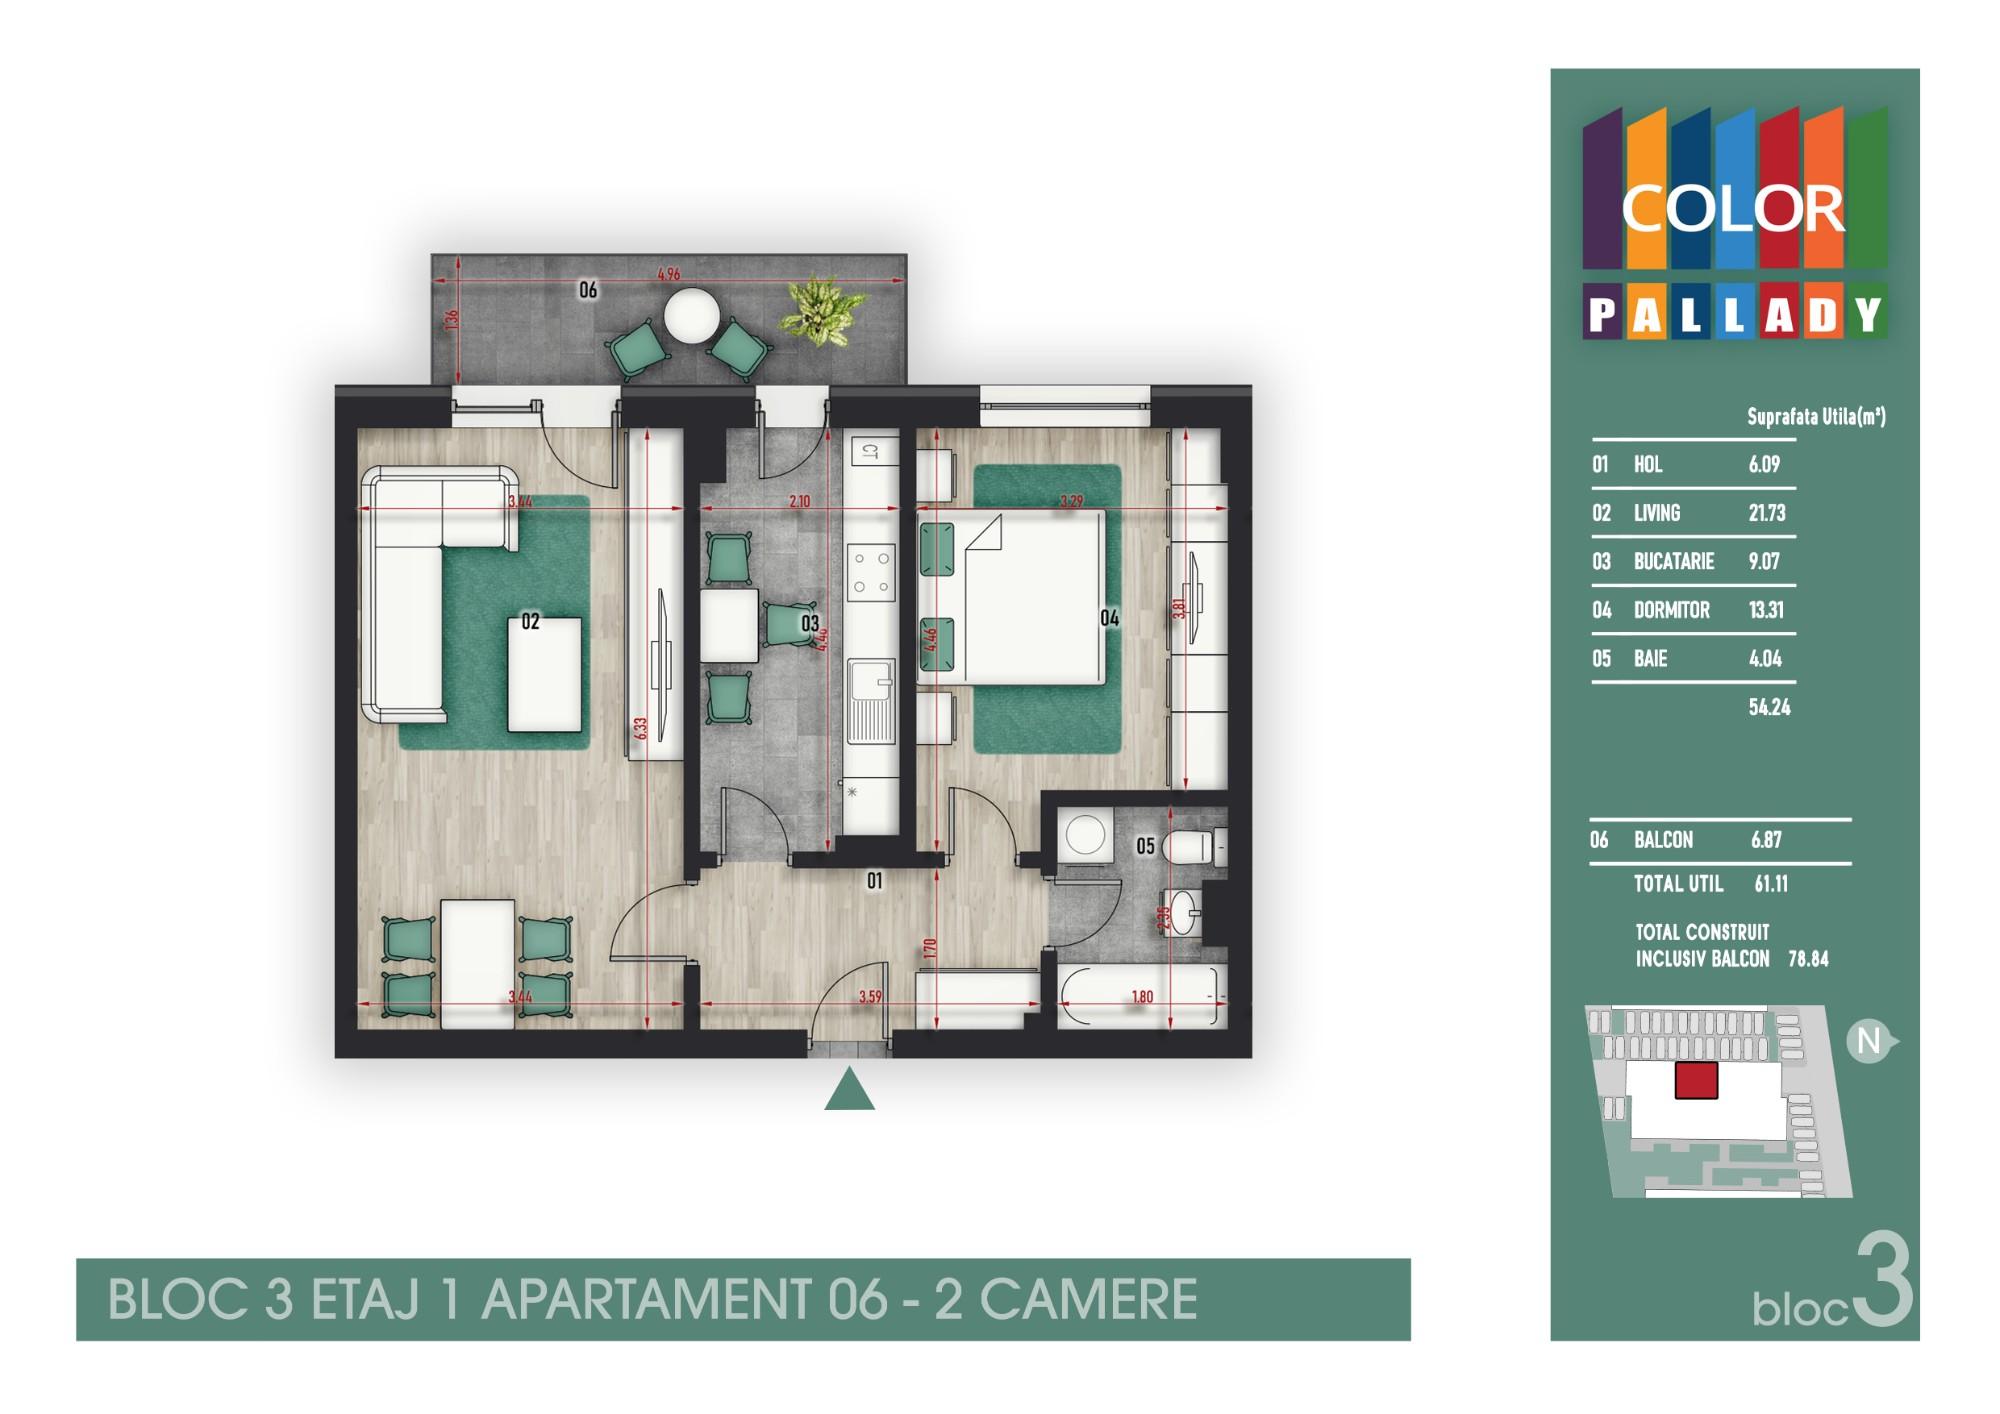 Bloc 3 - Etaj 1 - Apartament 06